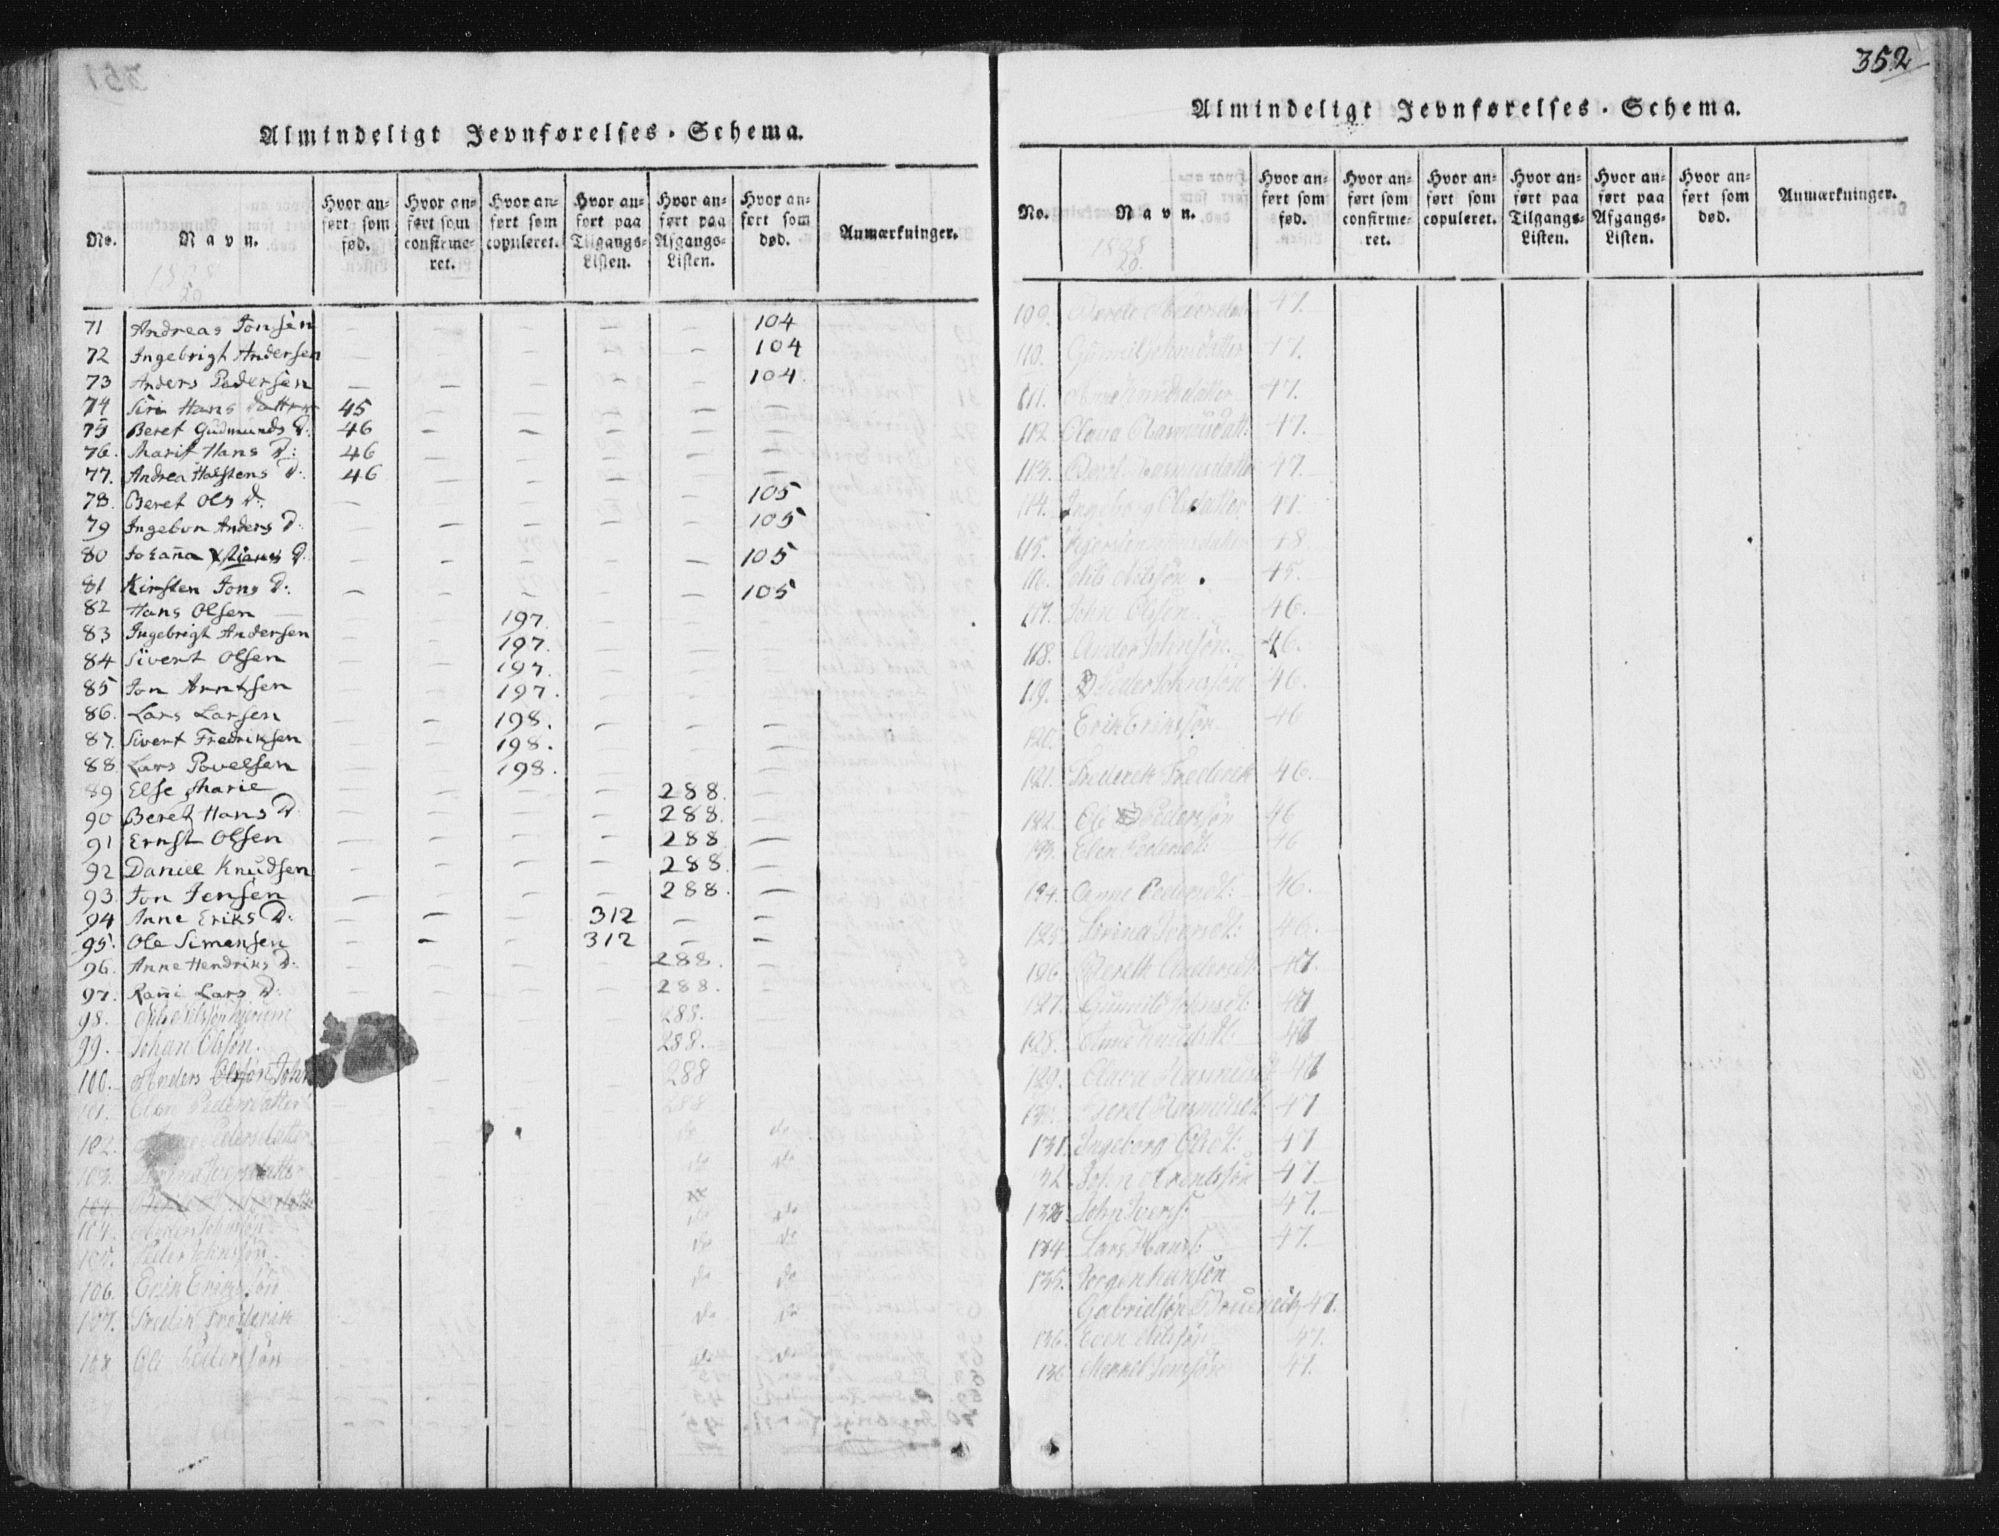 SAT, Ministerialprotokoller, klokkerbøker og fødselsregistre - Sør-Trøndelag, 665/L0770: Ministerialbok nr. 665A05, 1817-1829, s. 352